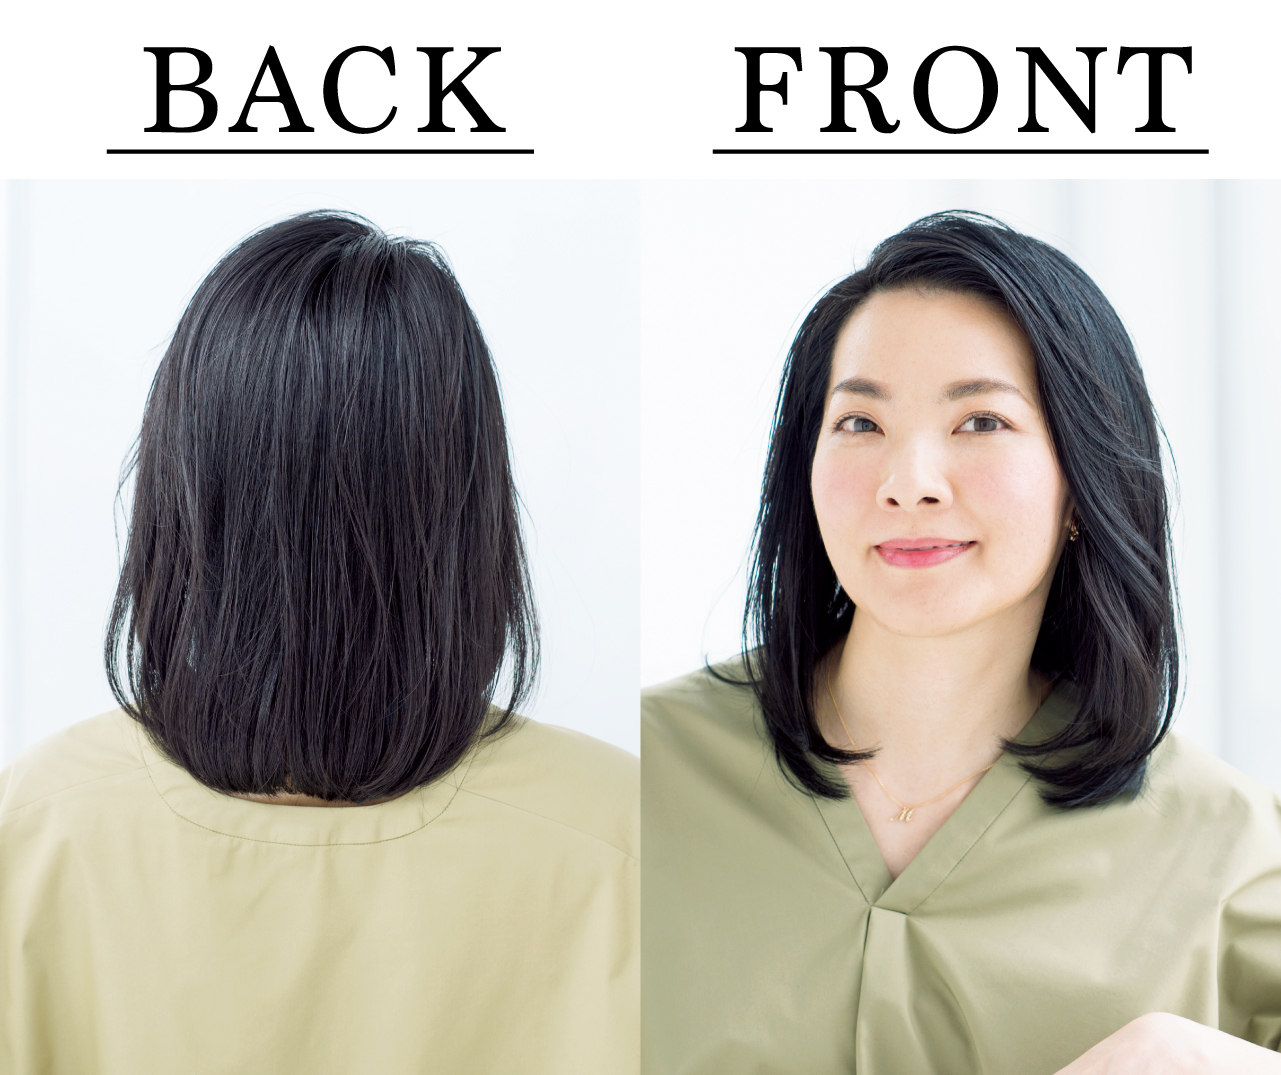 吉良美帆さん Front Back